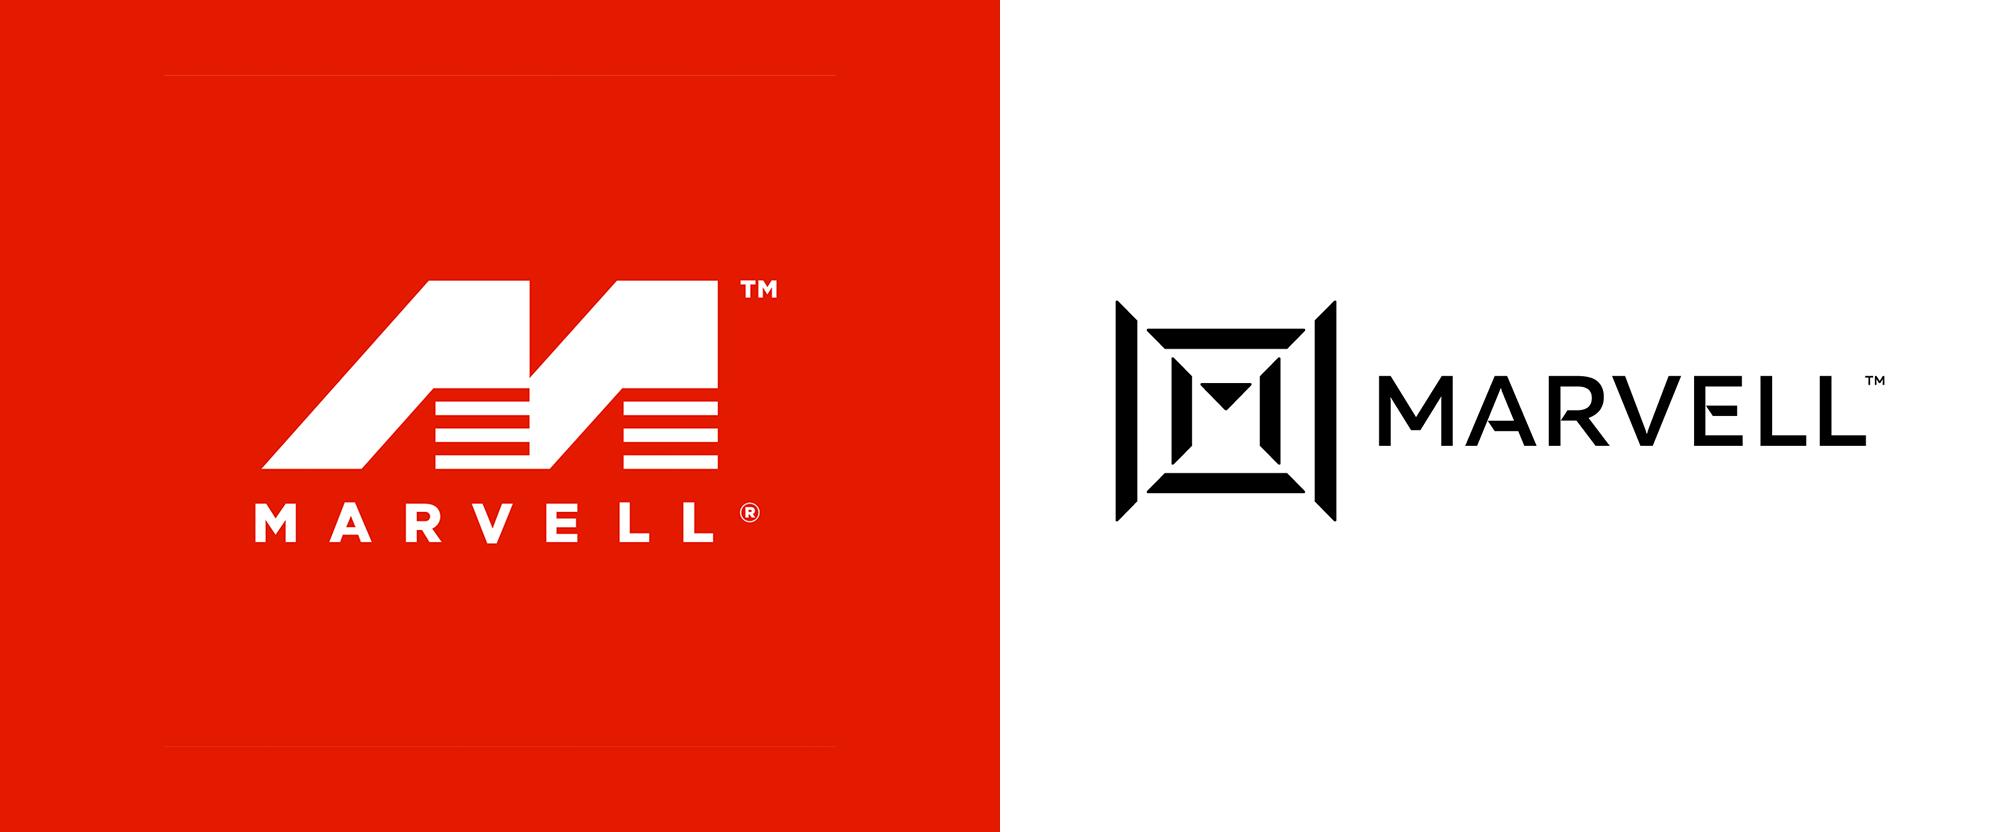 New Logo for Marvell